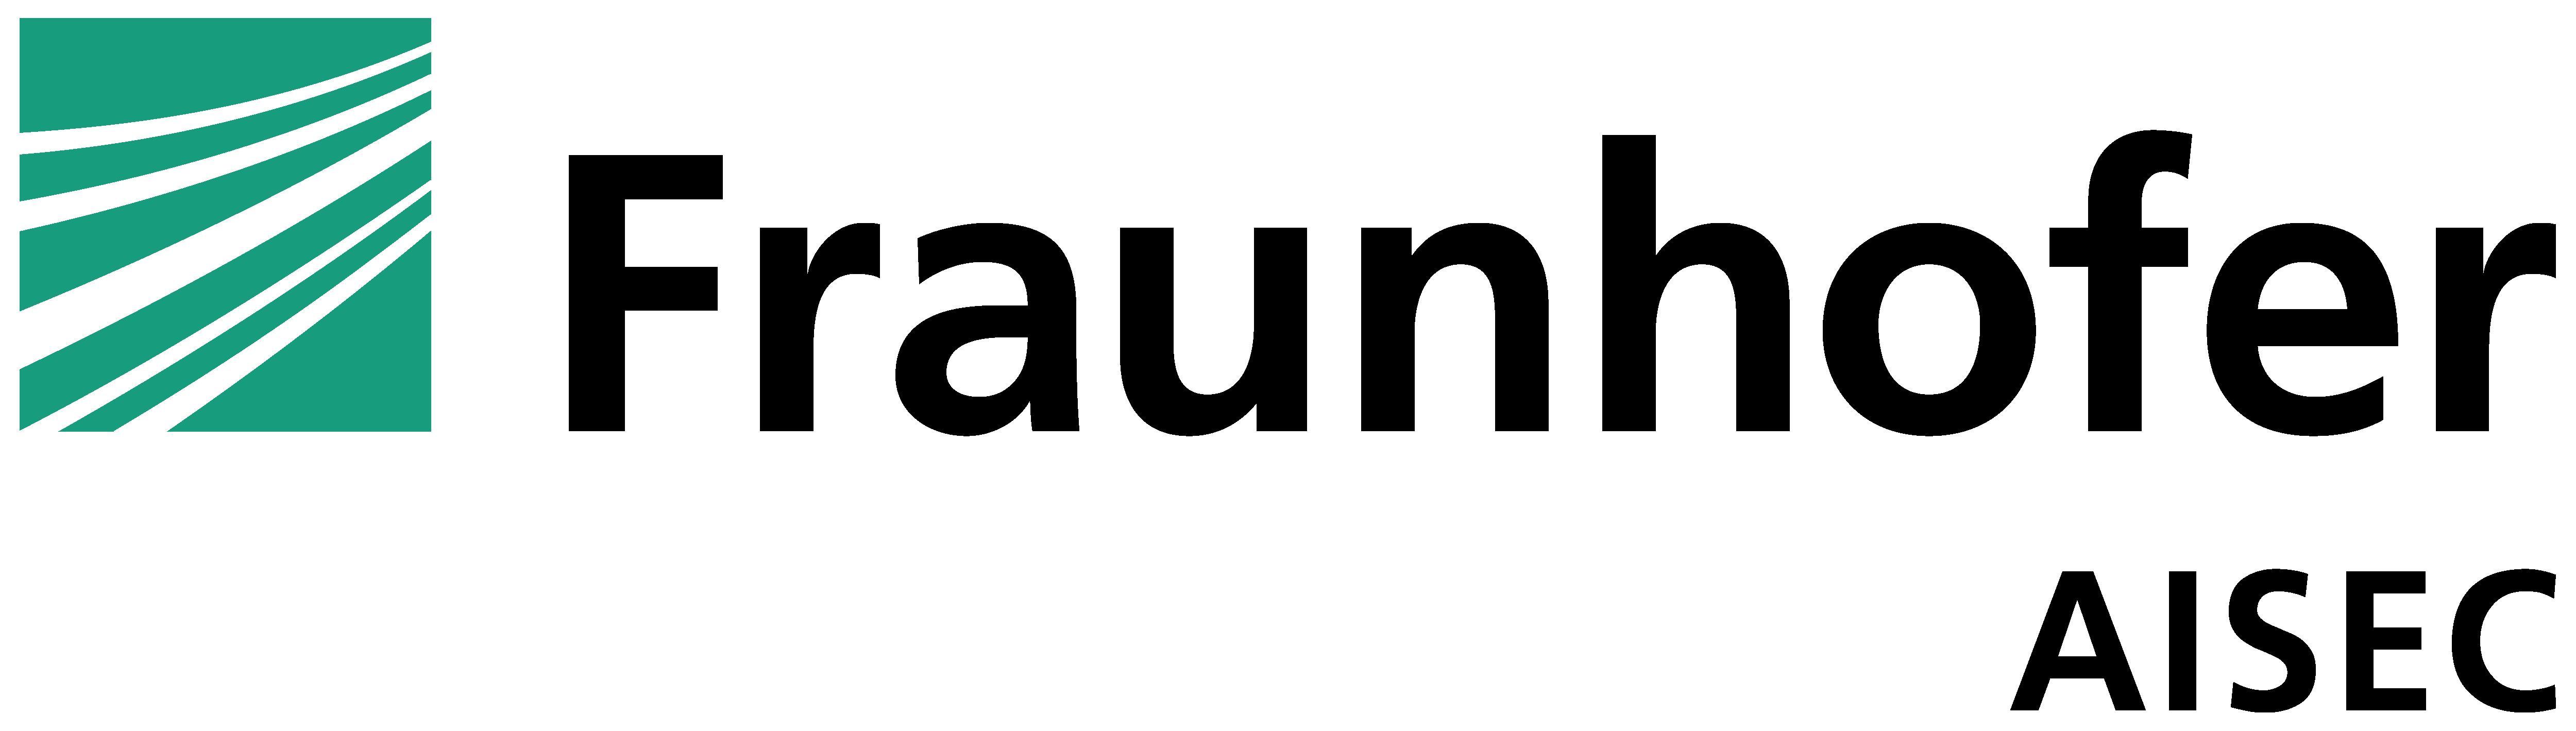 Fraunhofer AISEC Logo